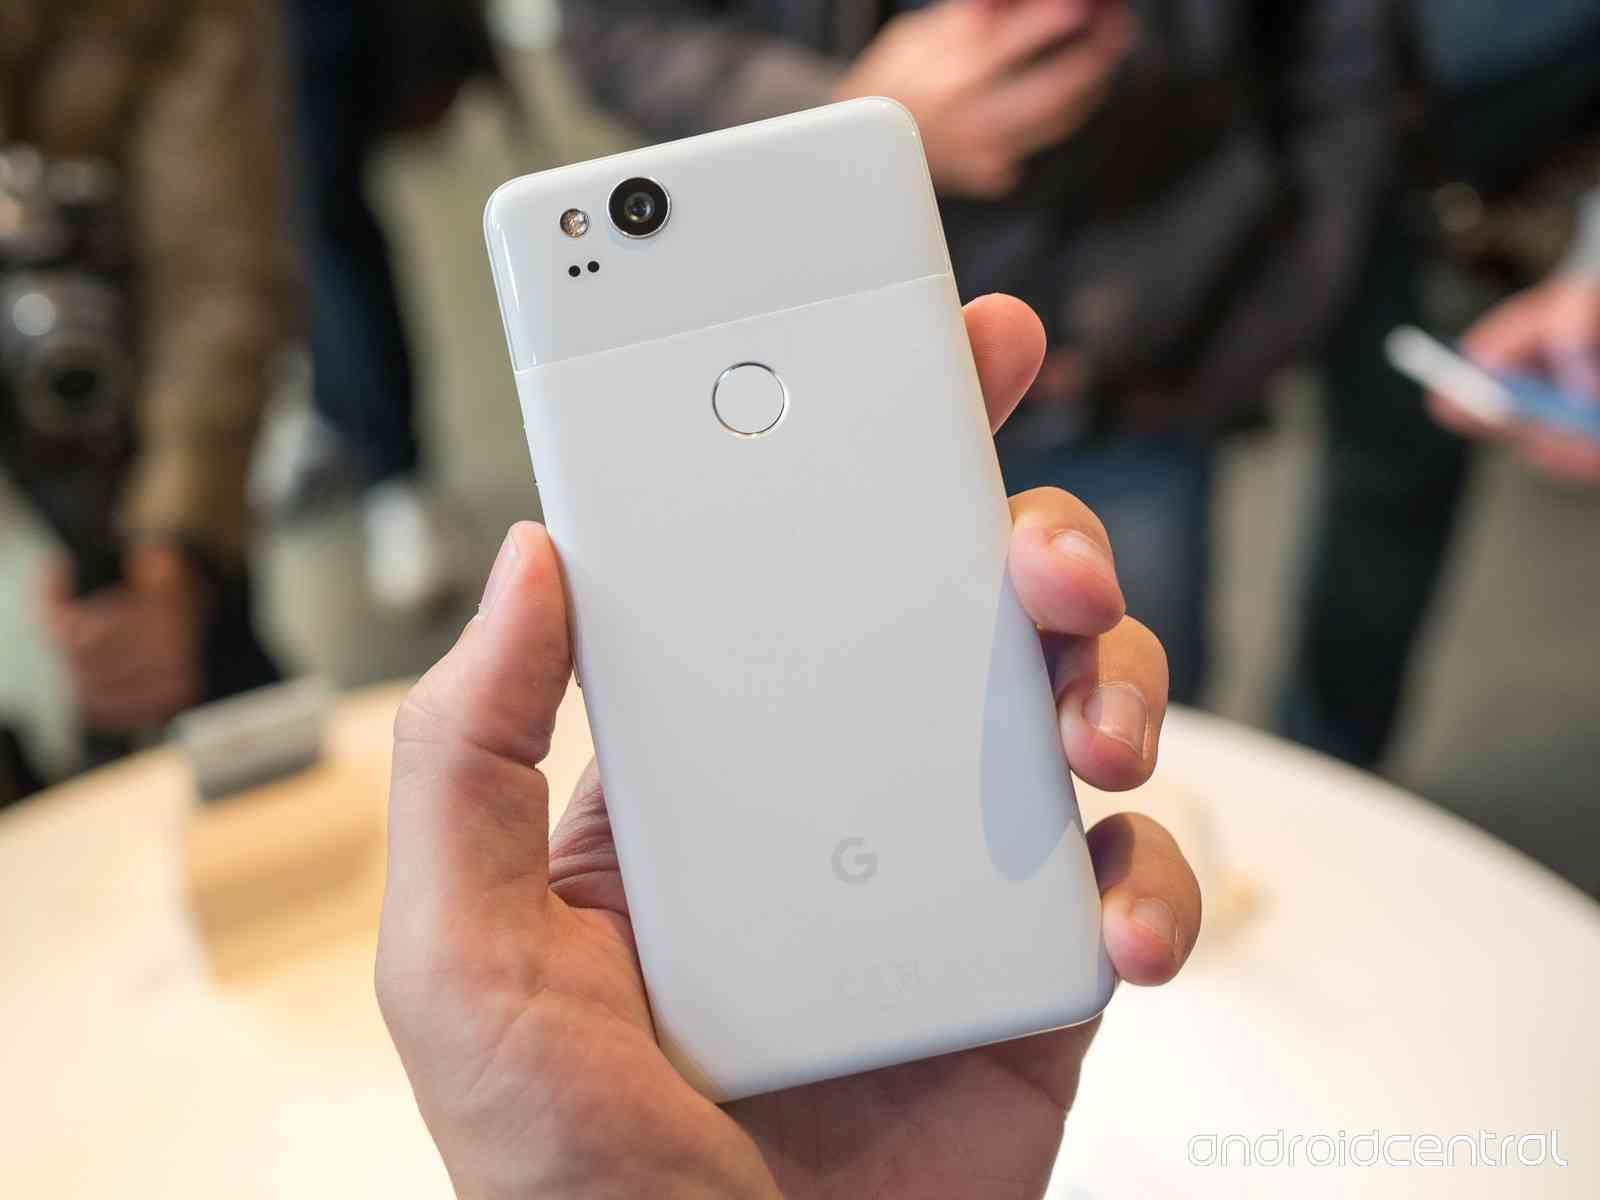 Примеры фото с Google Pixel 2 и лучшей камеры Другие устройства  - pixel_2_pixel_2_xl_hands_on_20-1